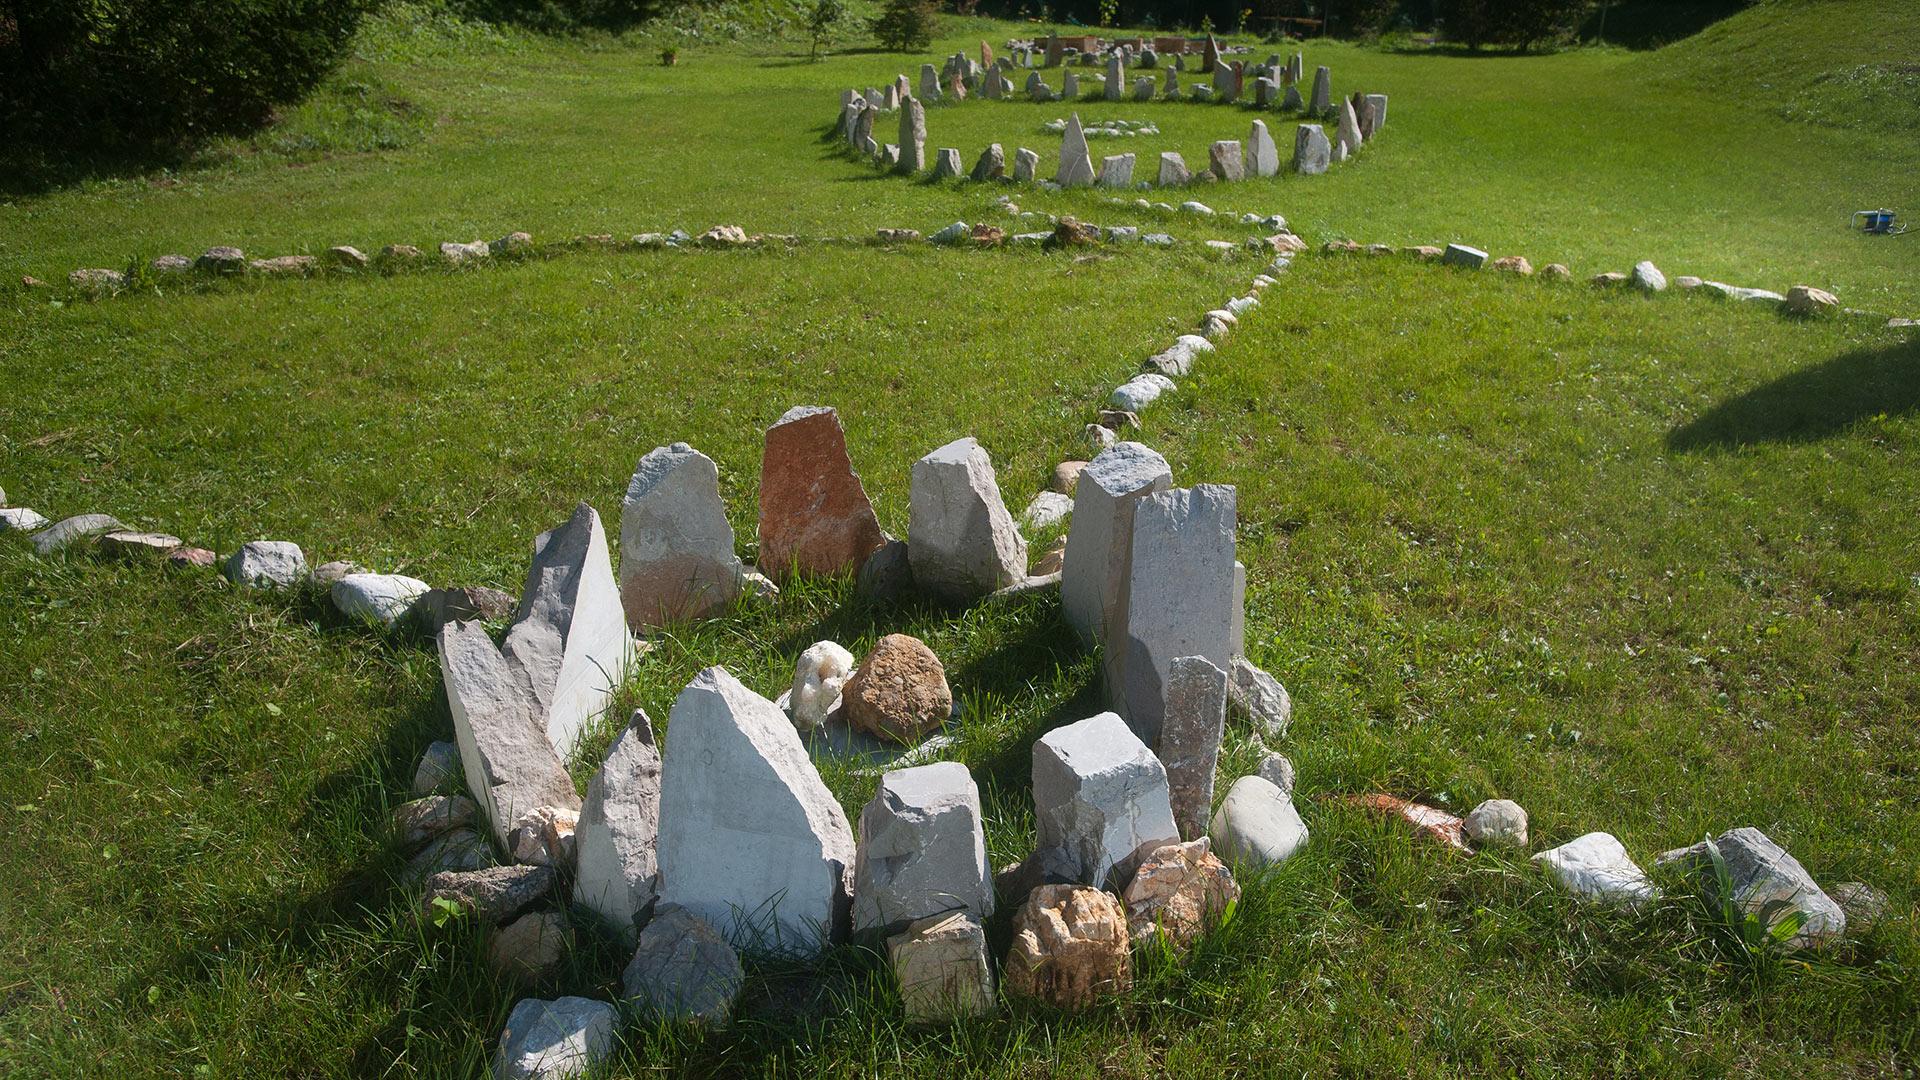 energijski park Manas, energijske točke, zdravilno kamenje, natural healing park